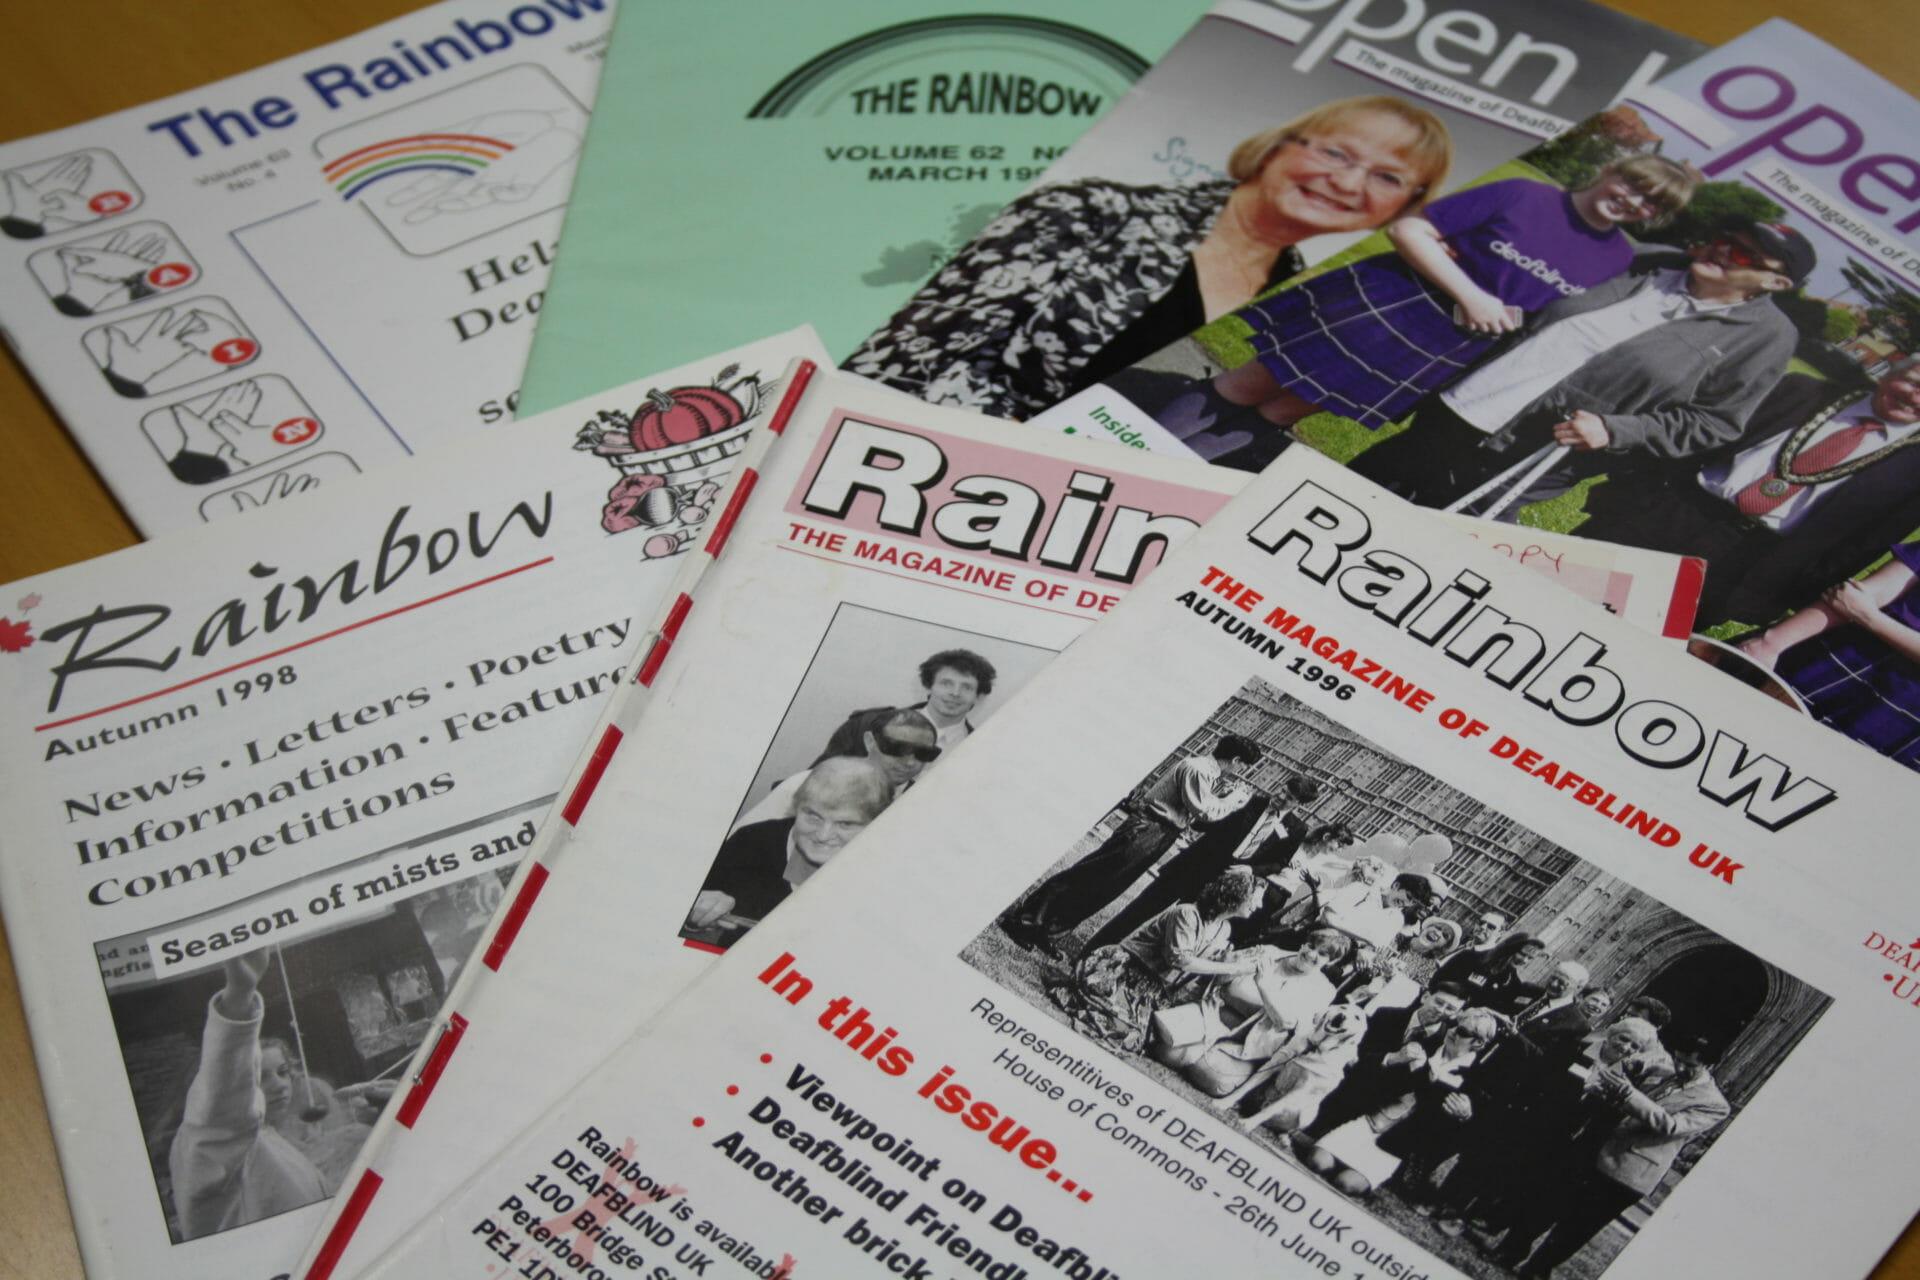 Old copies of Rainbow magazine